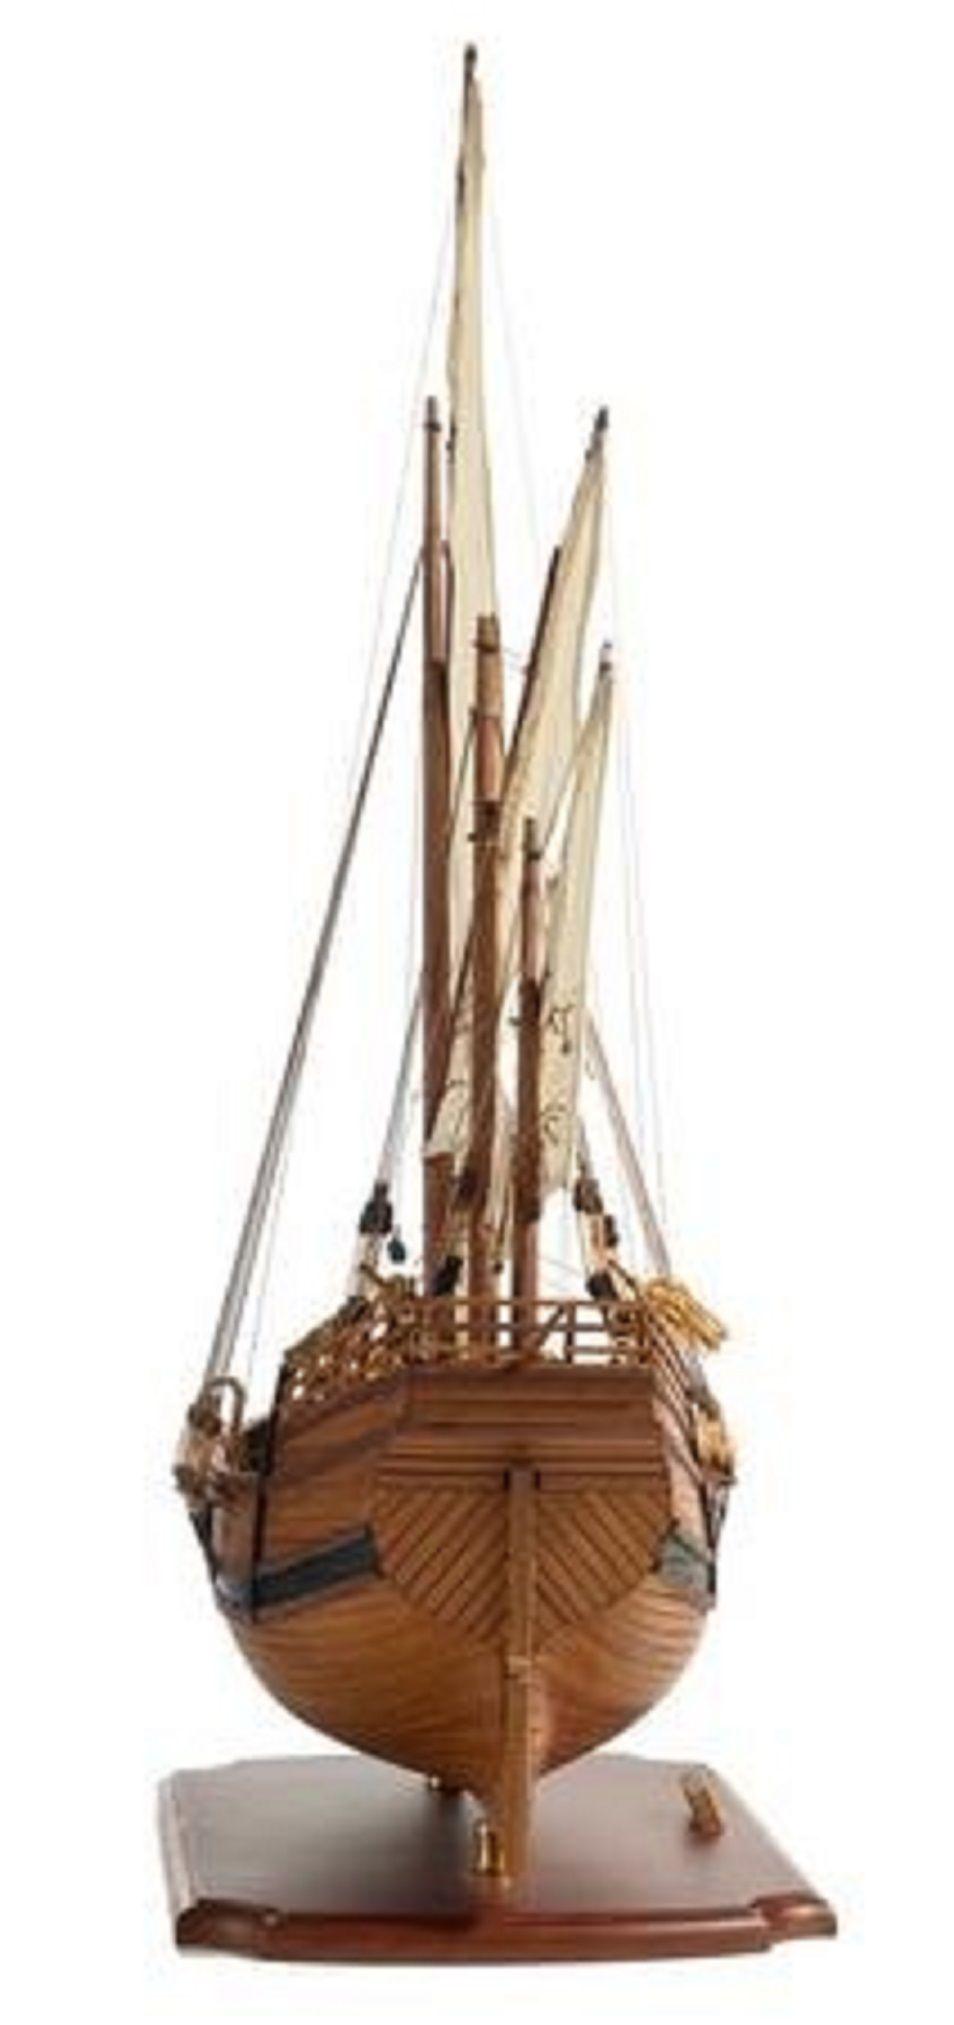 217-7197-Caravel-model-ship-Premier